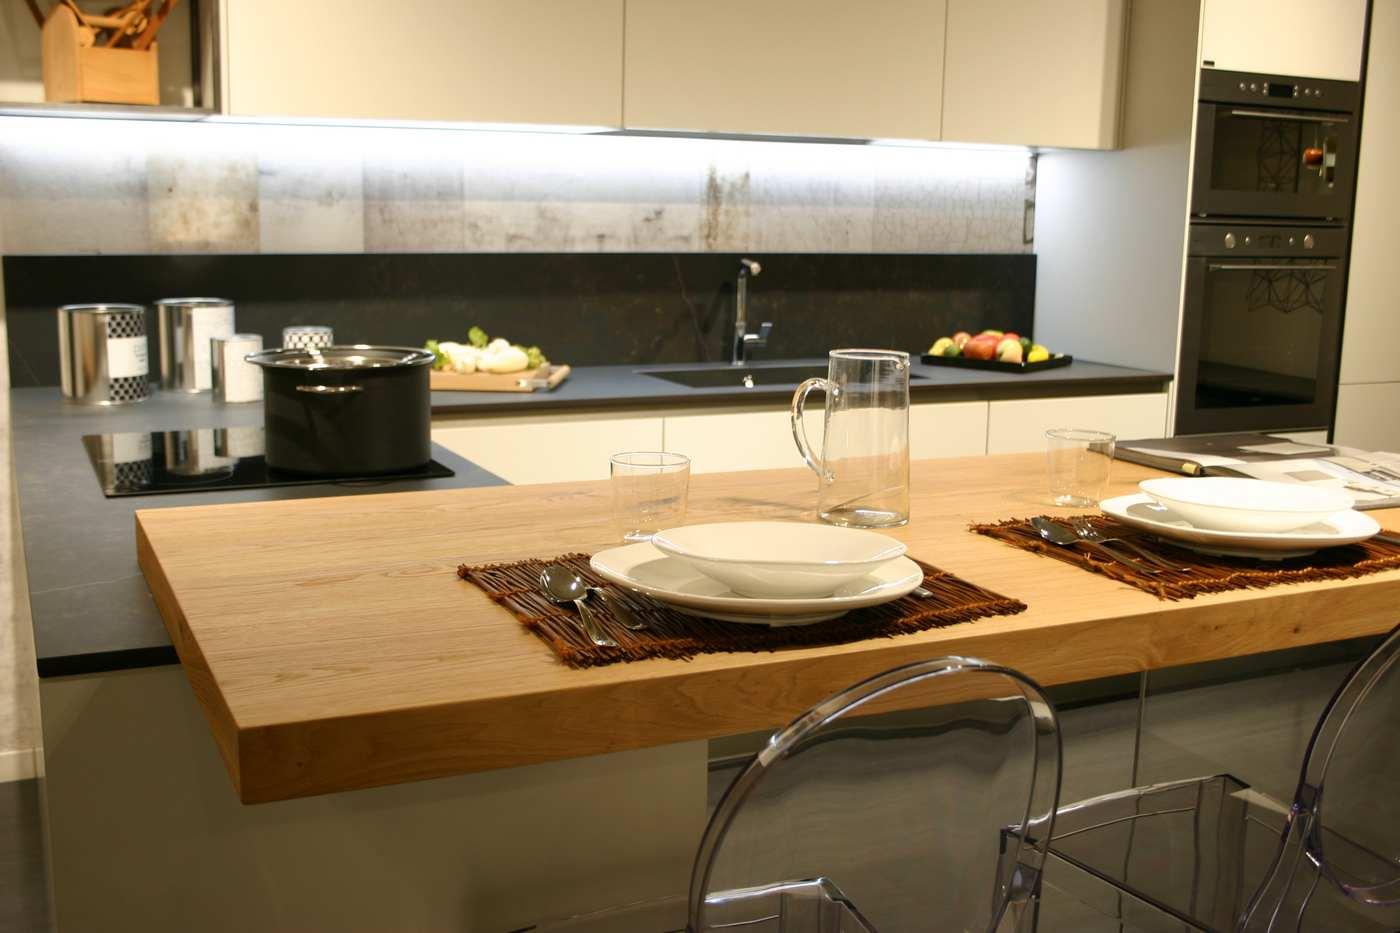 piano snack su penisola su cucina Snaidero Bergamo modello Way - cucina promozione bonus 2000